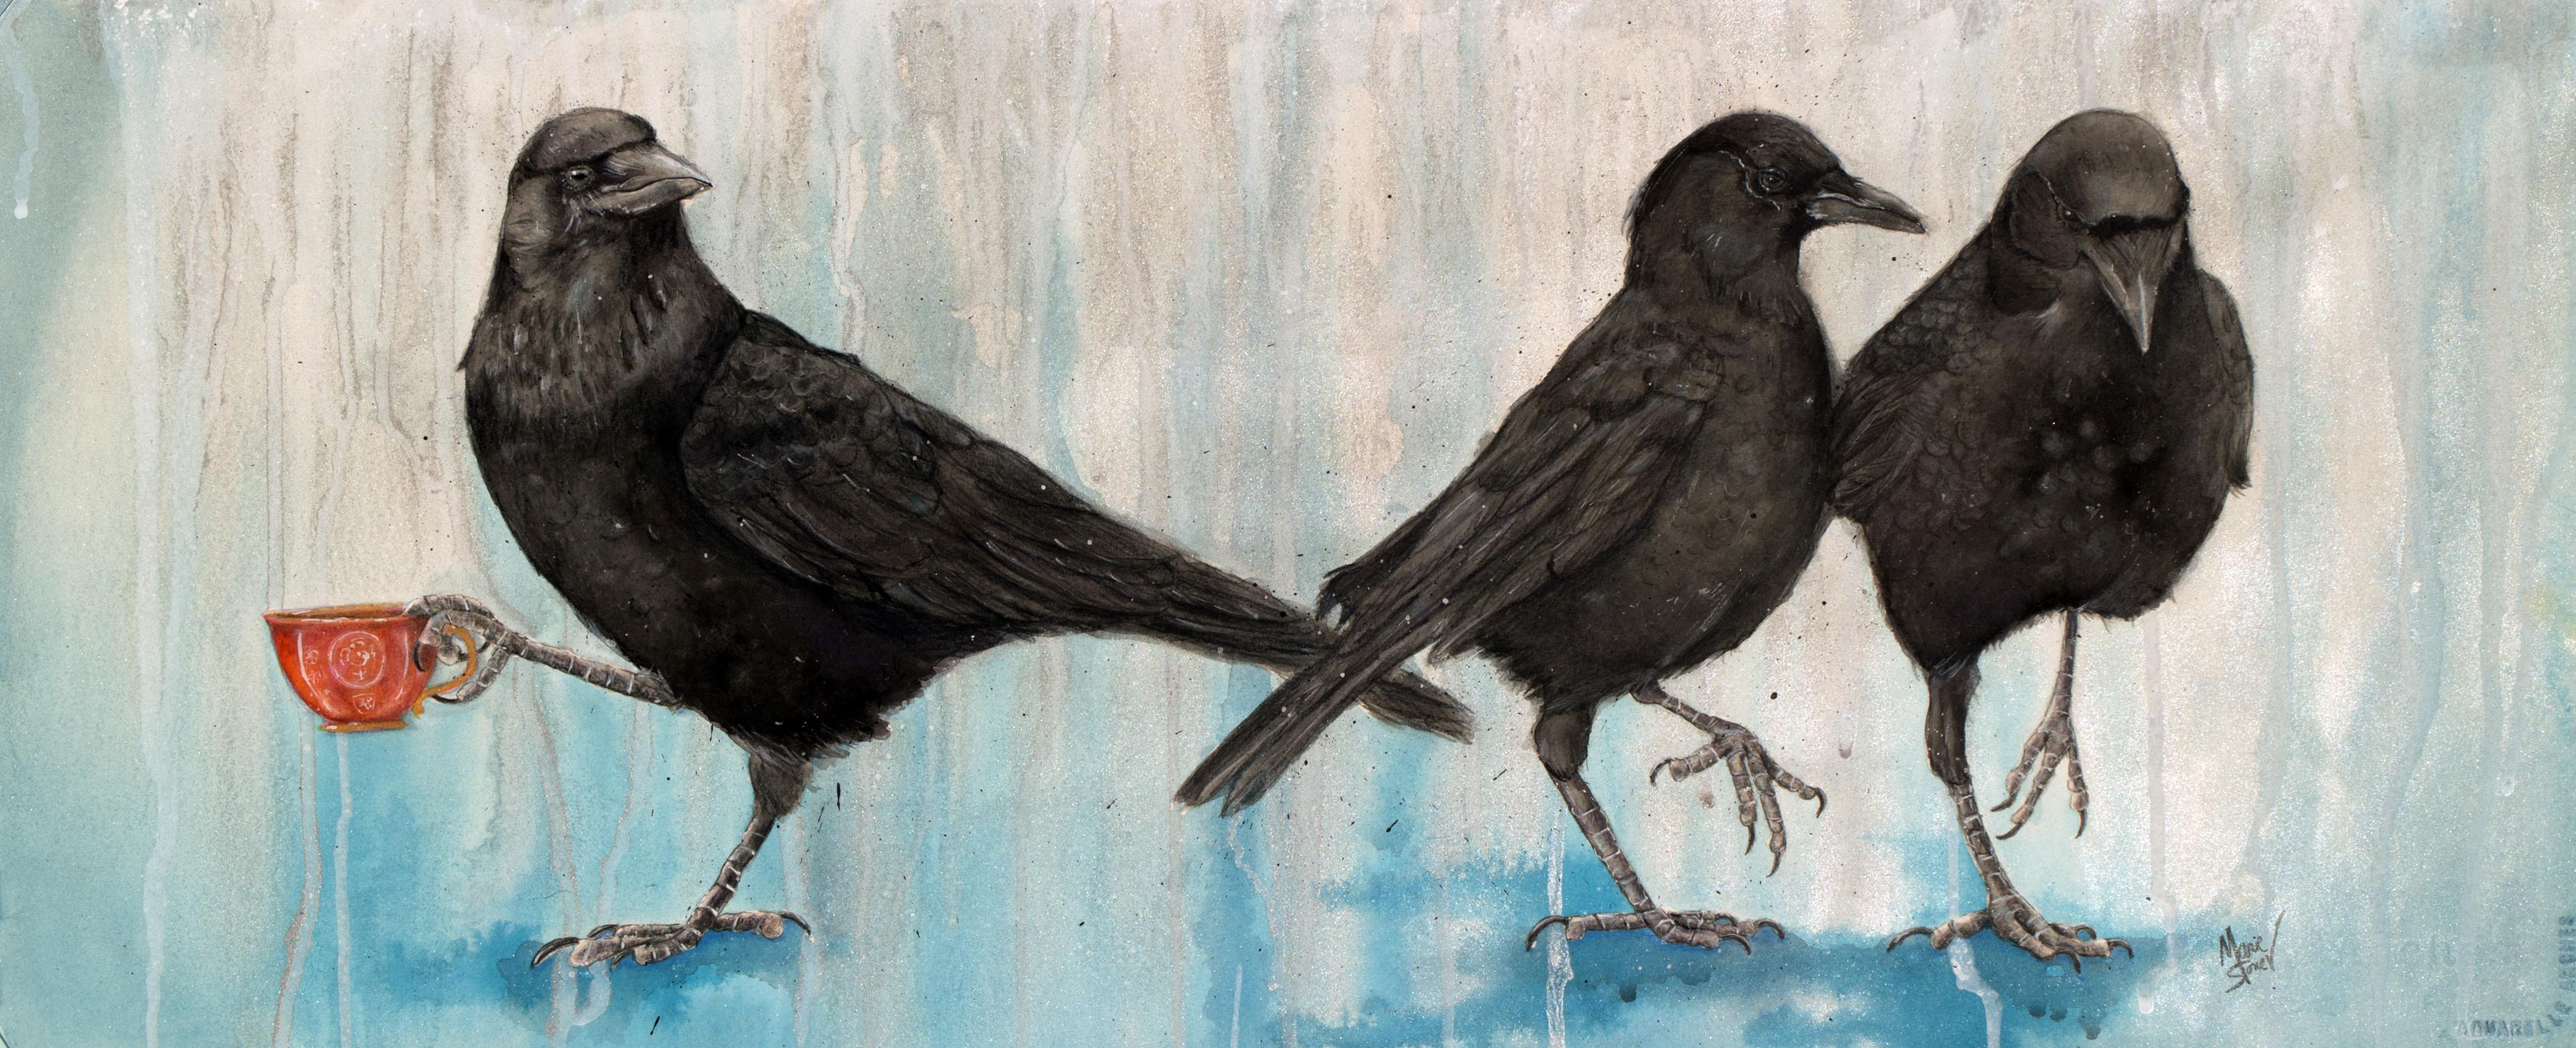 Crow Takes Tea